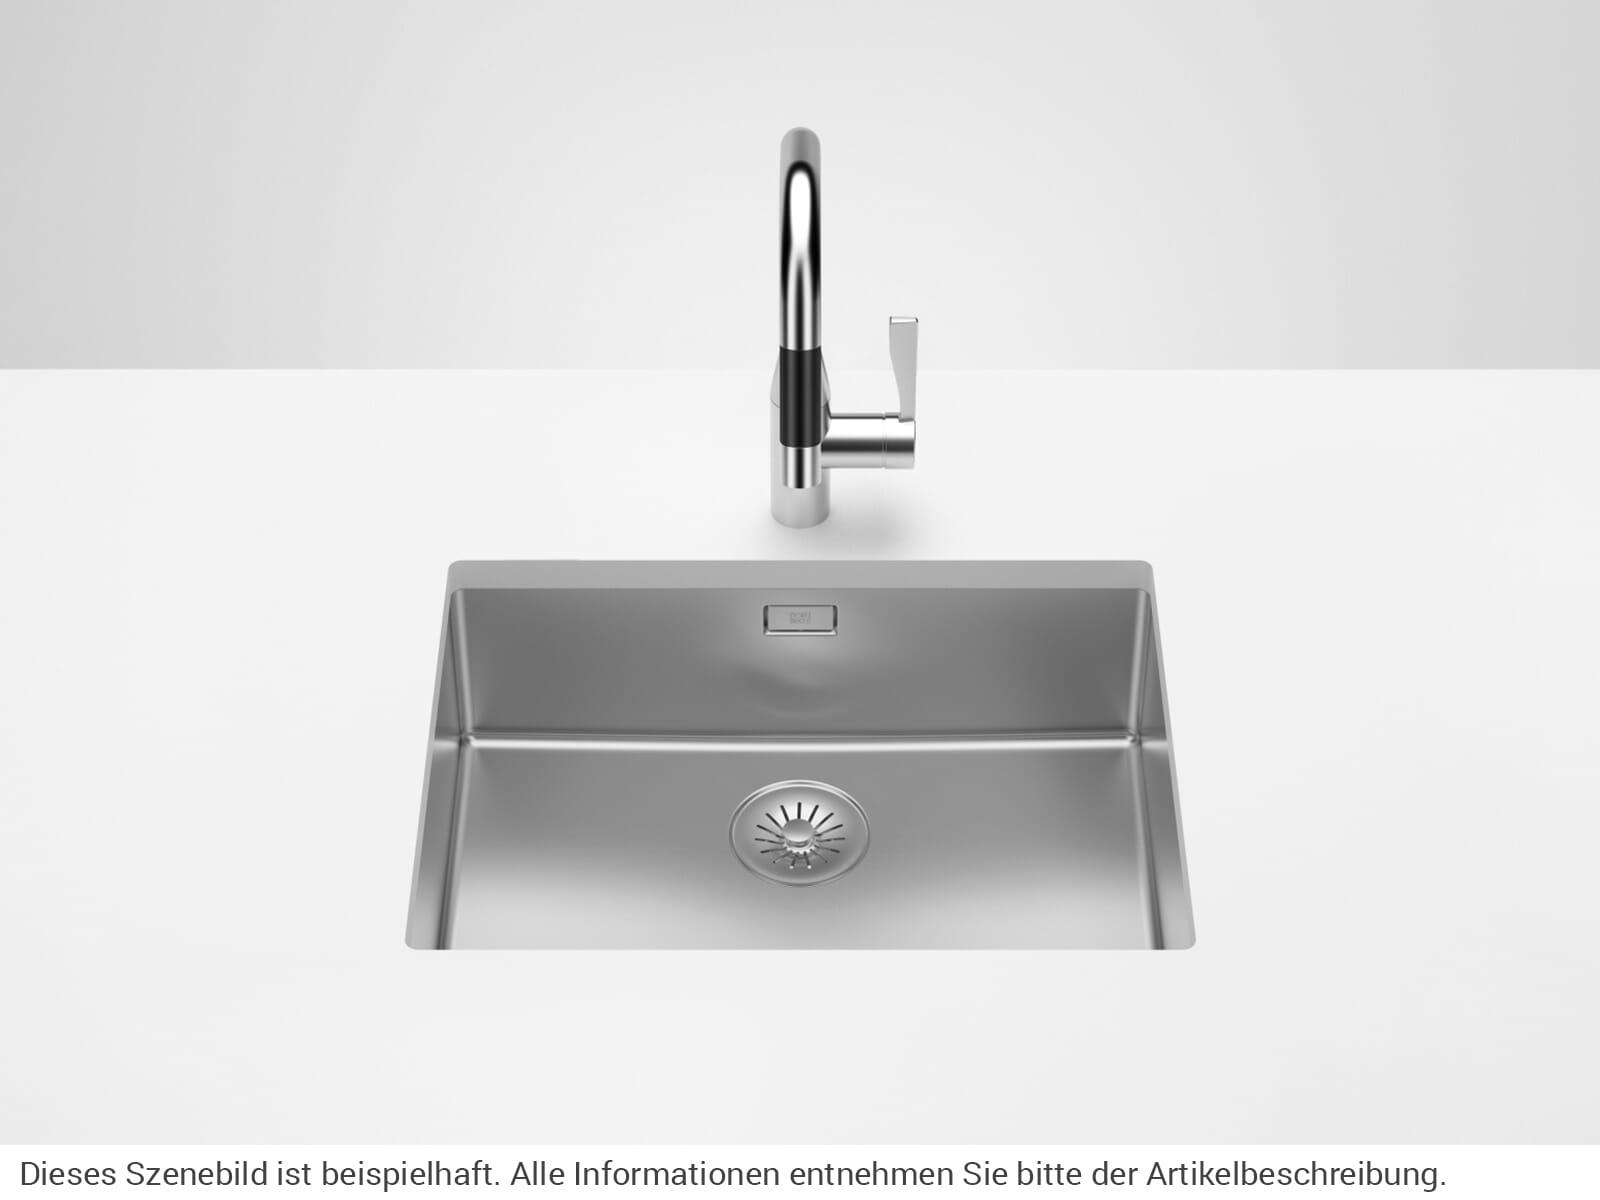 Dornbracht Edelstahl-Spüle Poliert 38550003-85